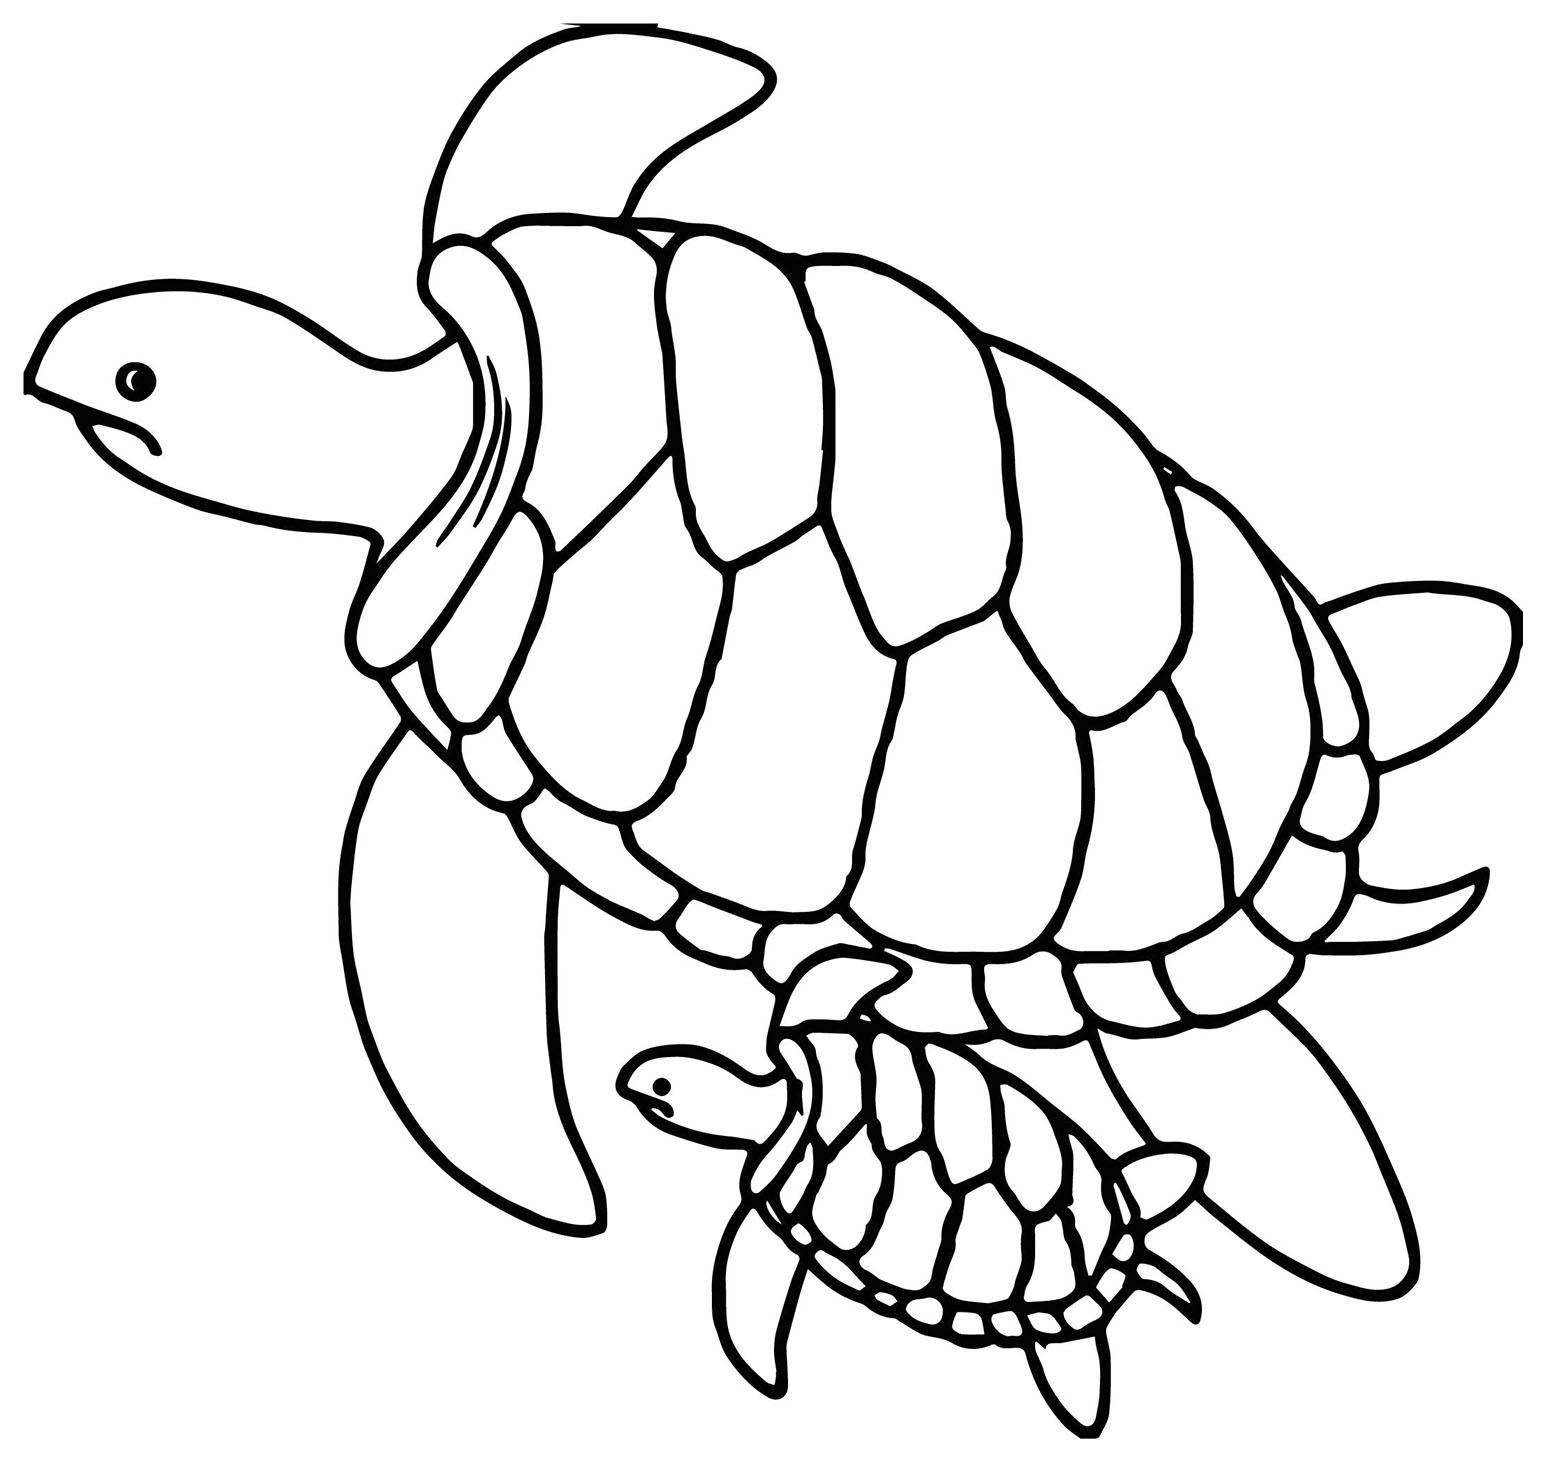 Tranh cho bé tô màu hai mẹ con rùa